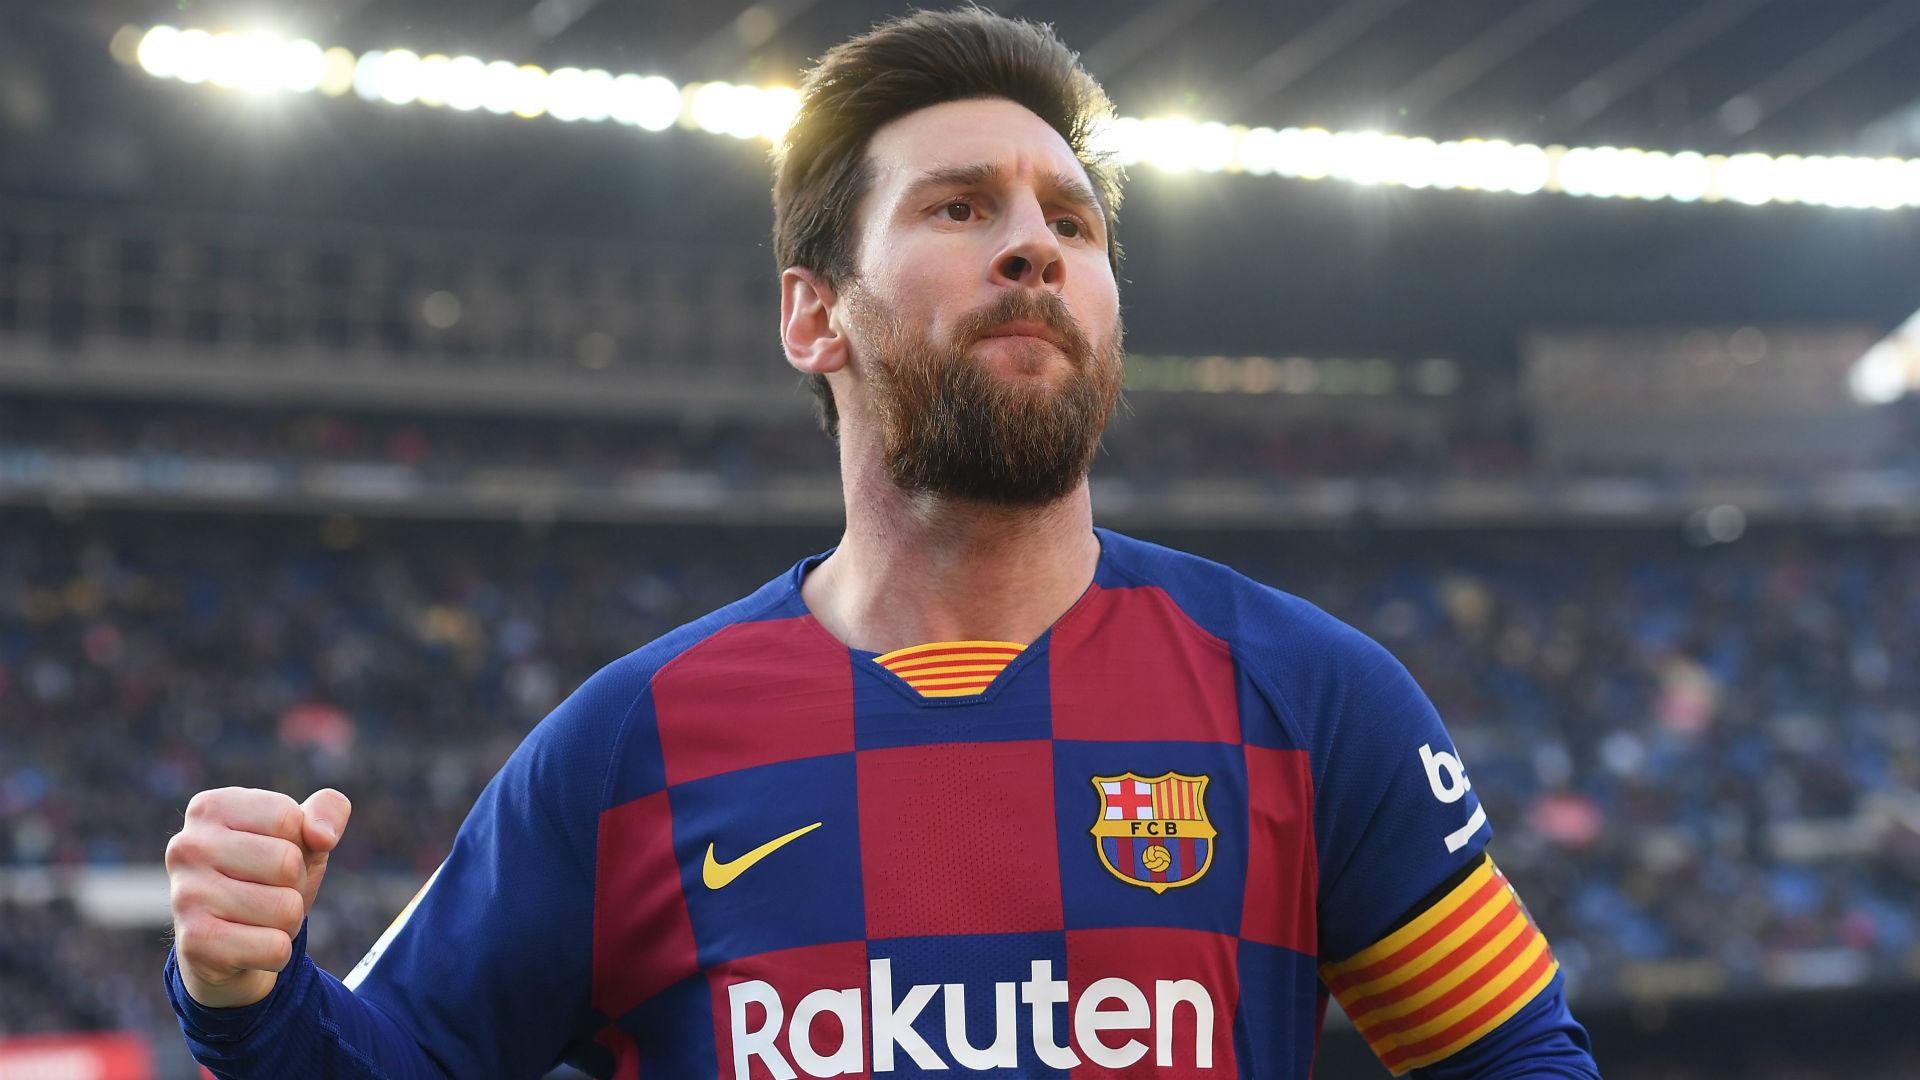 Il Barcellona vince 5-0, quattro gol li fa Messi